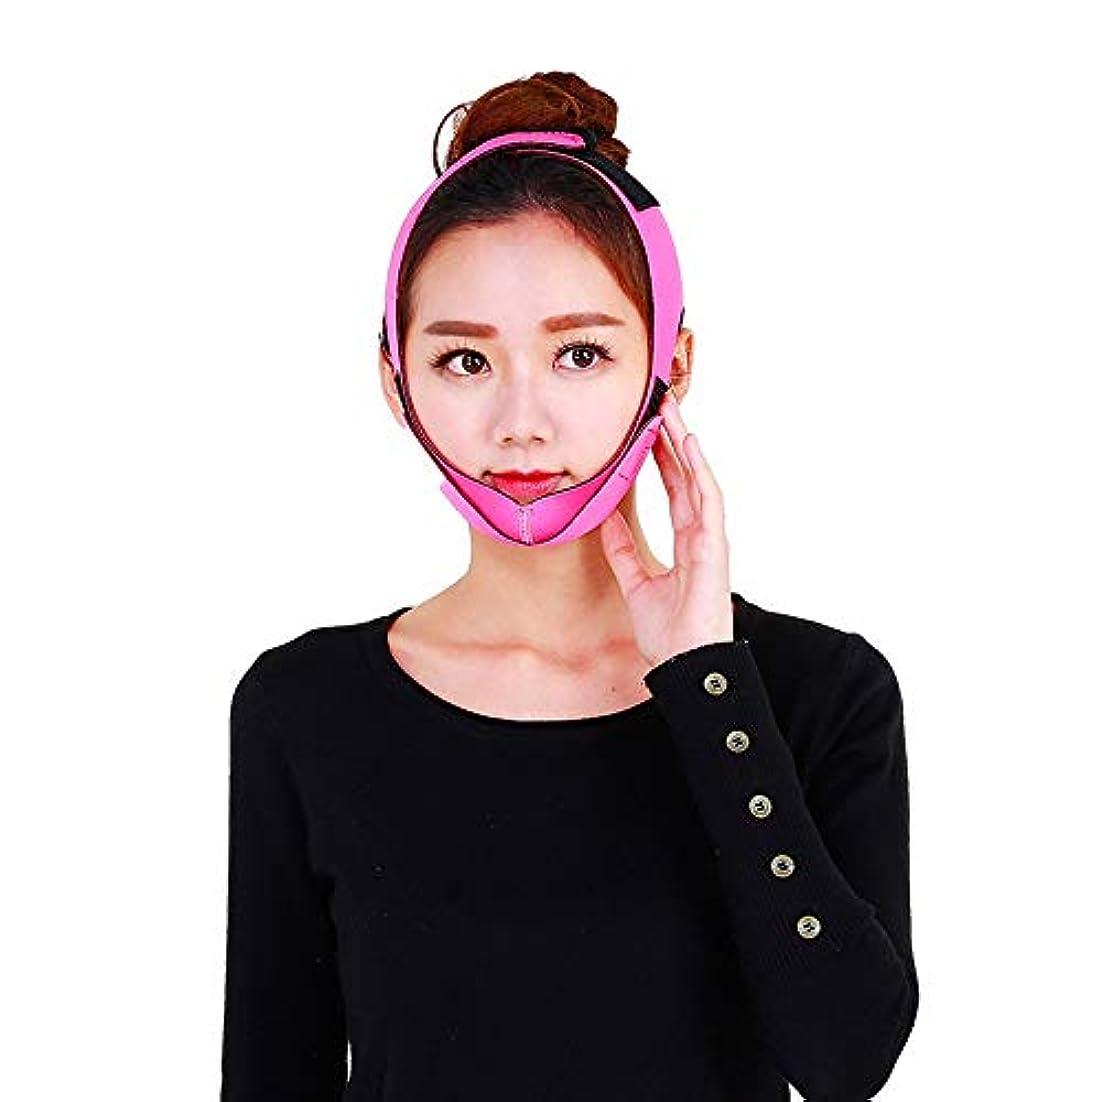 セーターピストンそばに飛強強 顔の持ち上がる痩身ベルト - 薄い顔包帯二重あごのデバイス無料の顔のマッサージ整形マスクが顔と首を締めます スリムフィット美容ツール